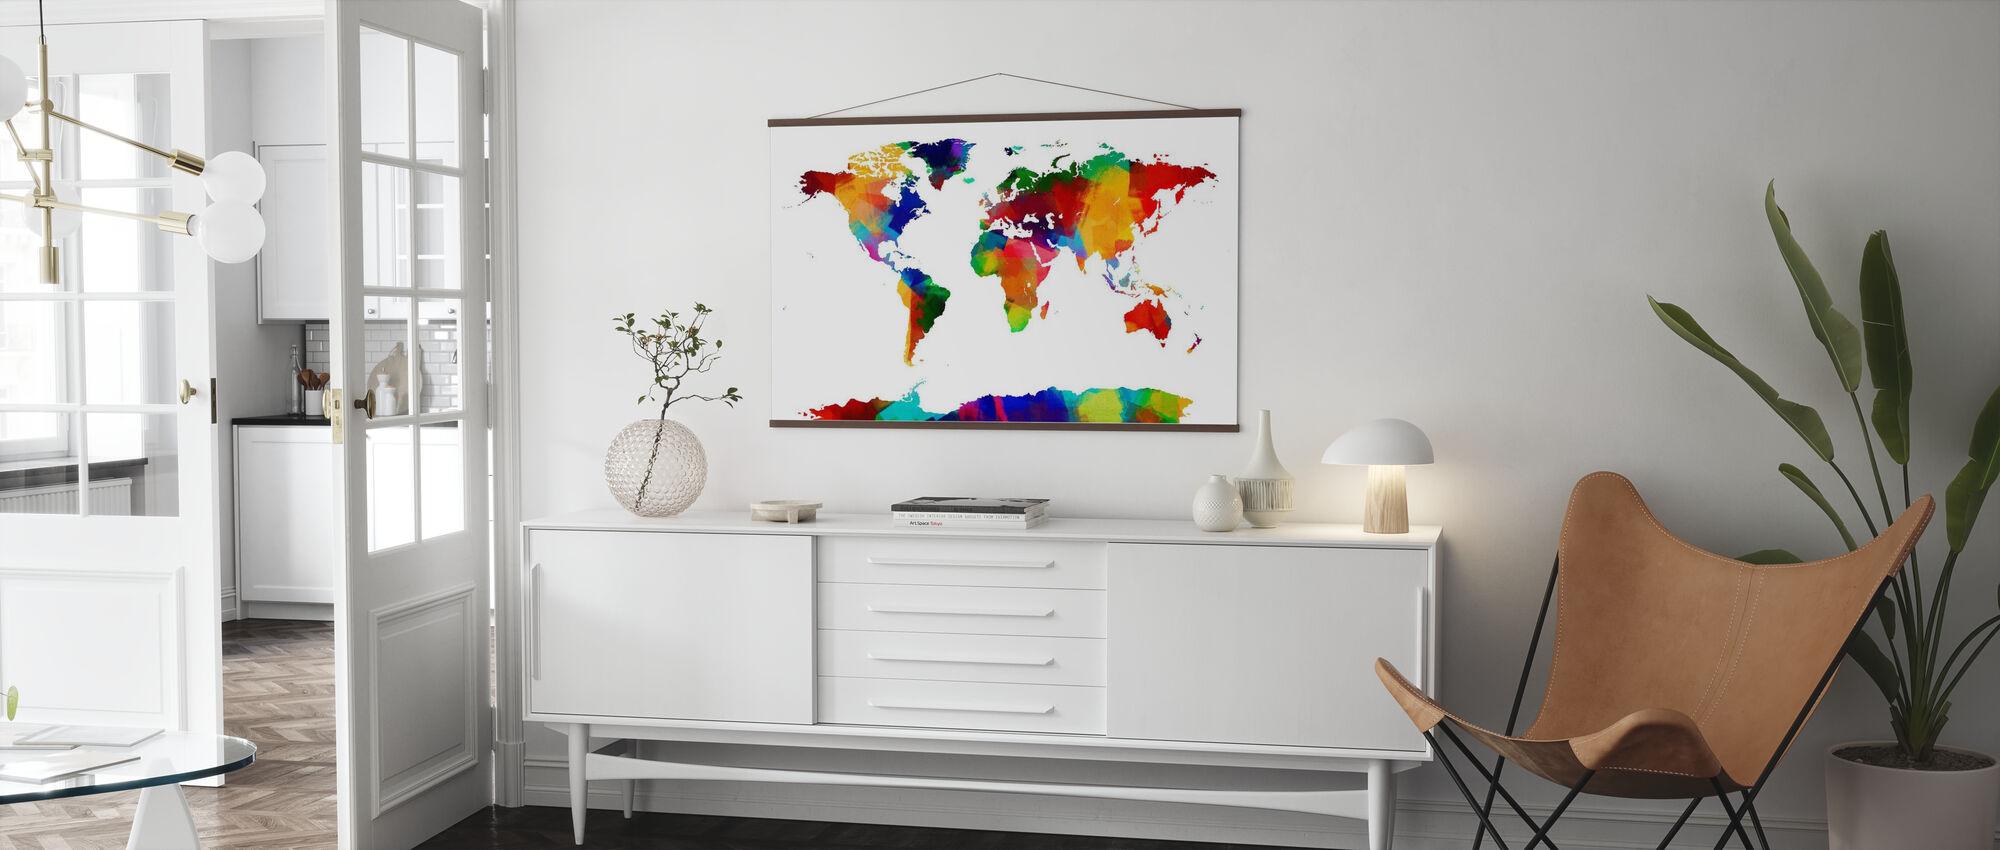 Sponge Paint World Map - Poster - Living Room